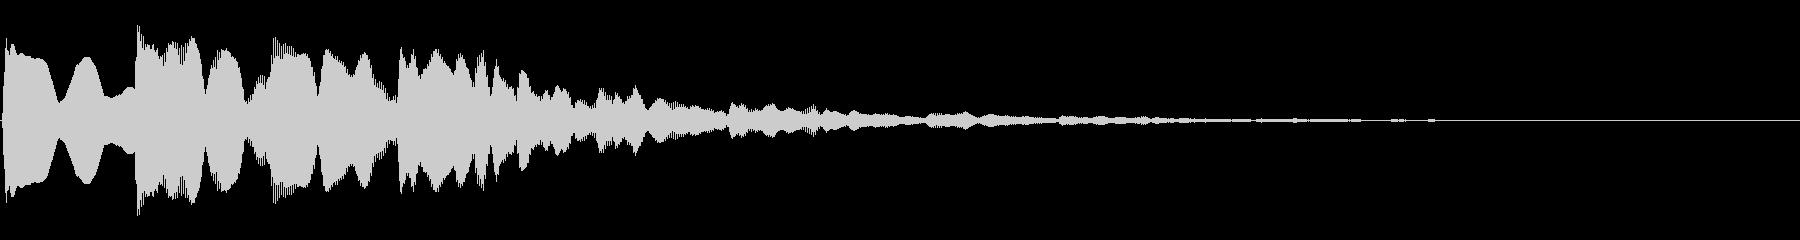 ピンポンパンポン03-1(バイノーラル)の未再生の波形